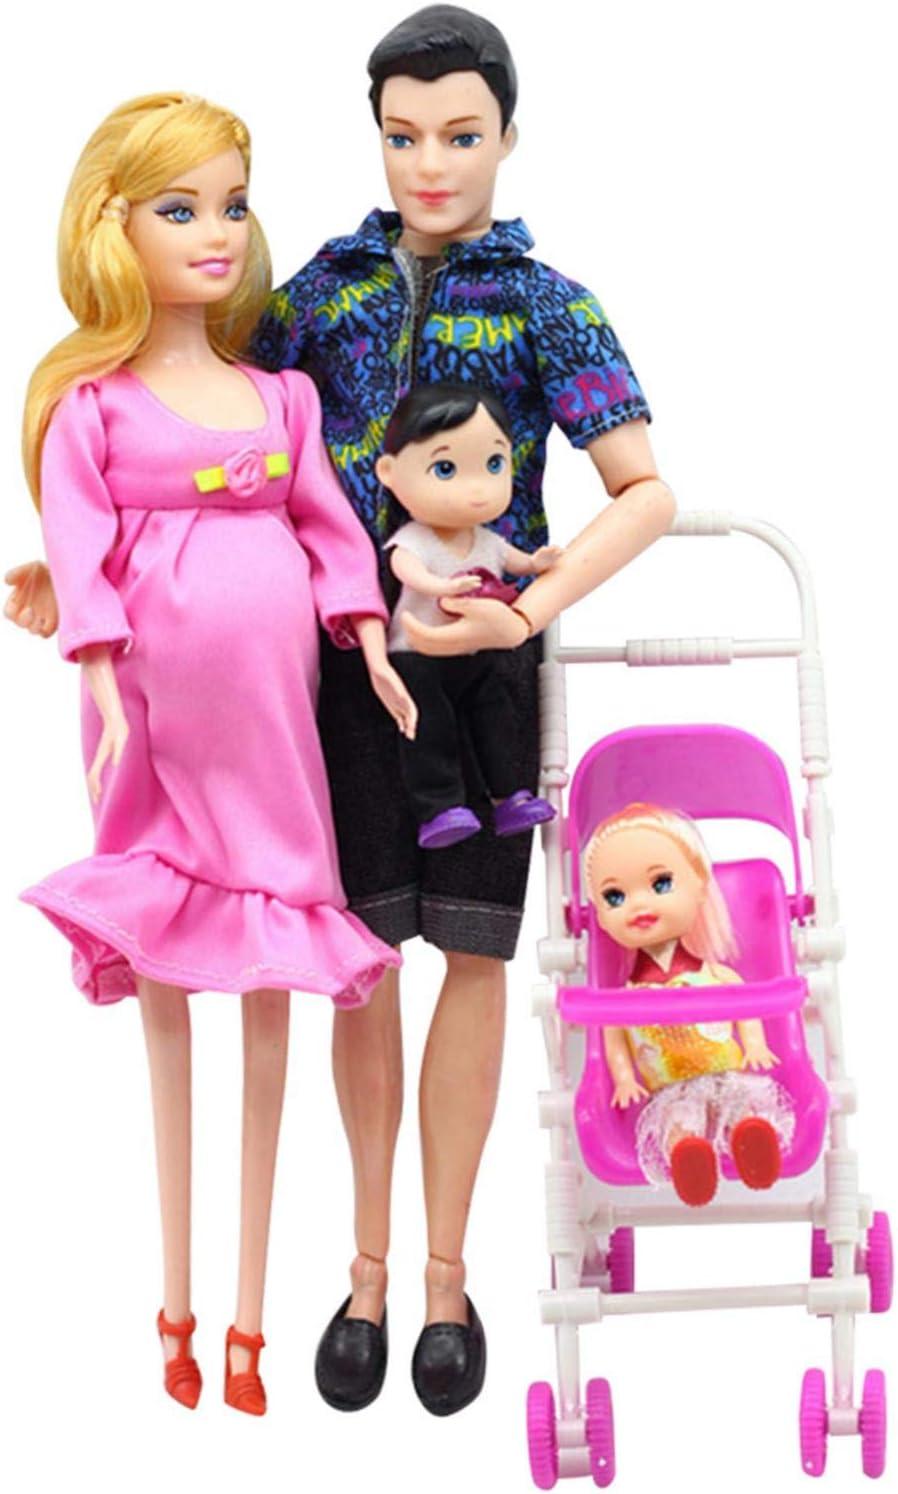 Juego de muñecas familiares para papá y mamá embarazada, 1 hija, 1 hijo y 1 bebé en la barriga de mamá, para juguetes educativos, regalo del día de cumpleaños de Navidad para niños